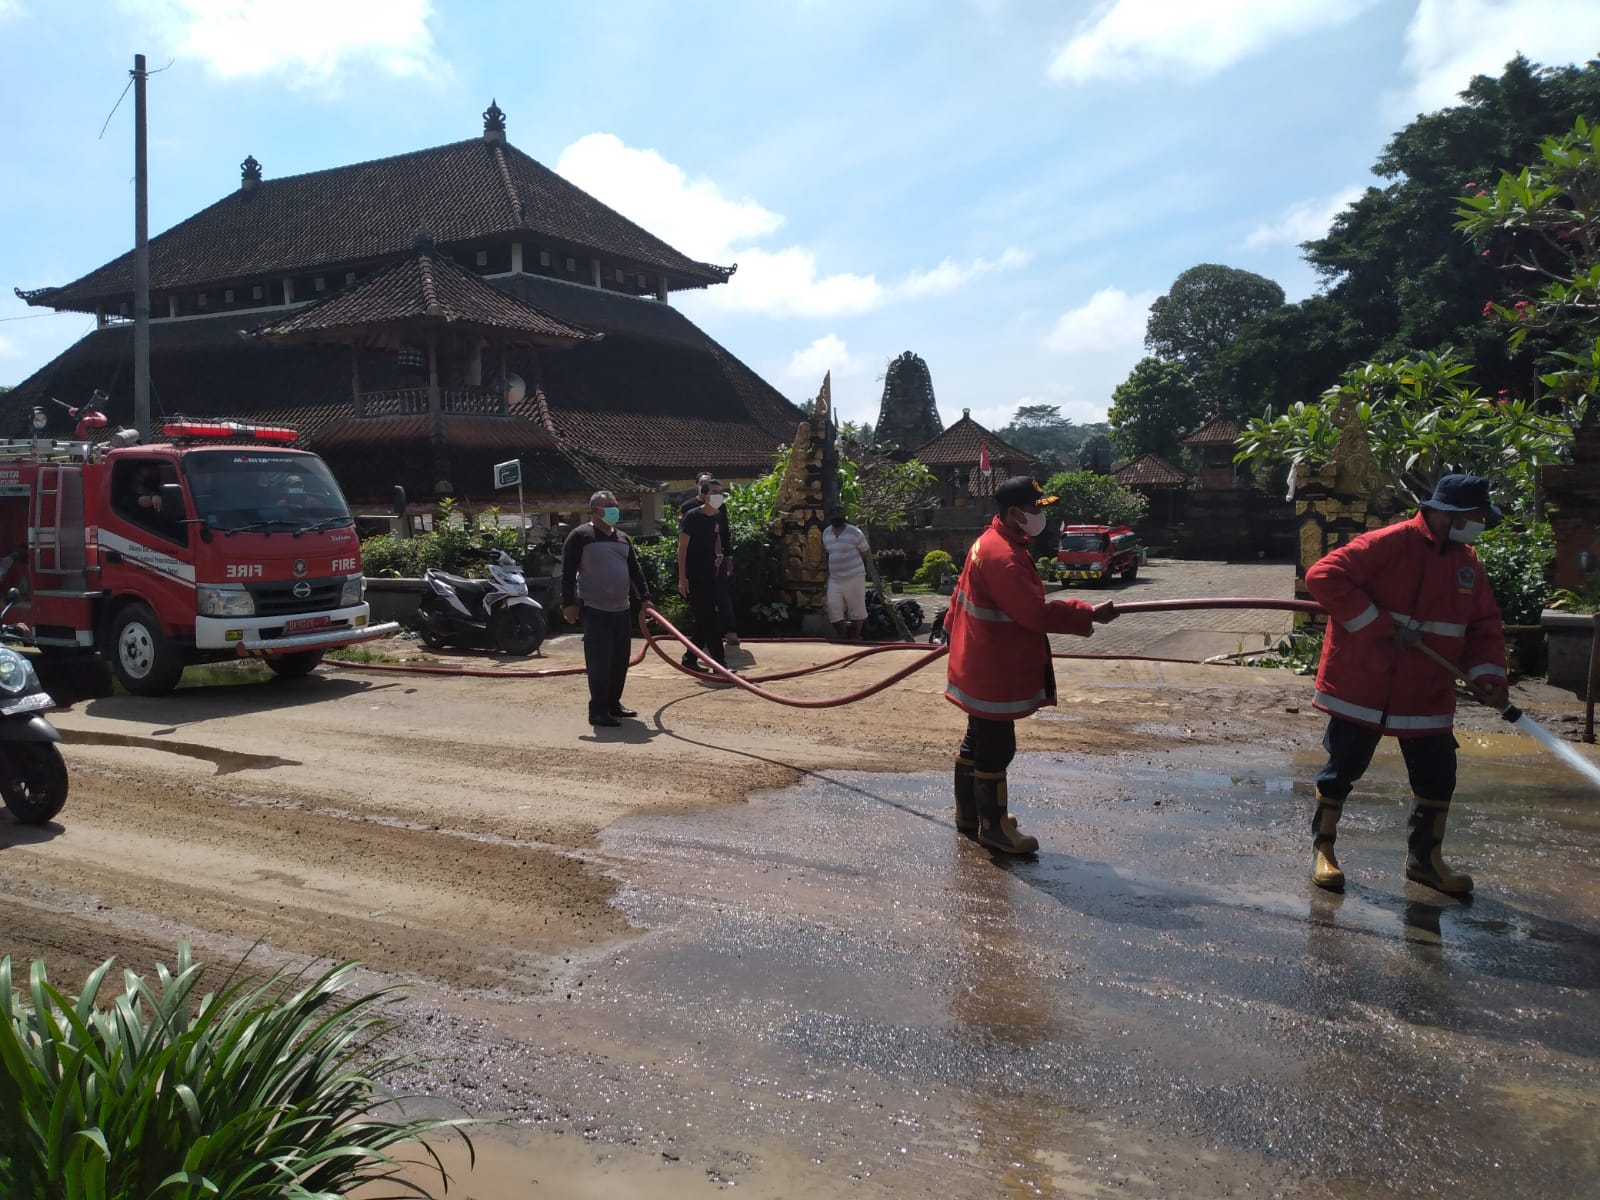 MATERIAL longsor dari tebing di Dusun Guliang Kawan, Desa Bunutin, Kecamatan Bangli dibersihkan Dinas PUPR-Perkim Bangli dibantu Dinas PU Provinsi Bali, Damkar Bangli dan Damkar Gianyar. Foto: ist